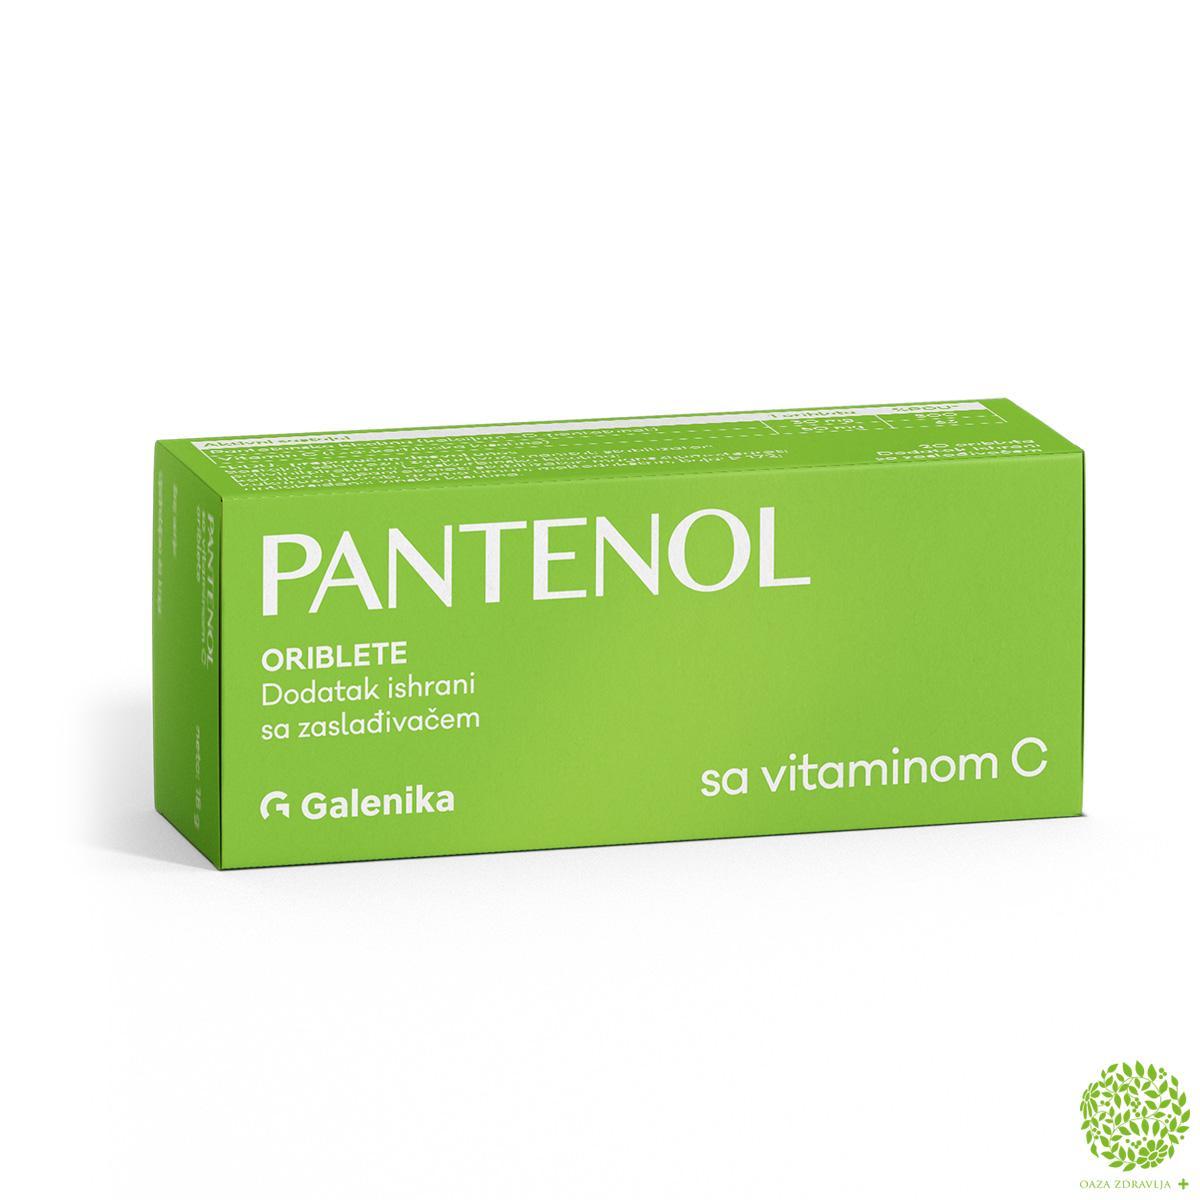 PANTENOL + VITAMIN C ORIBLETE 20 kom.